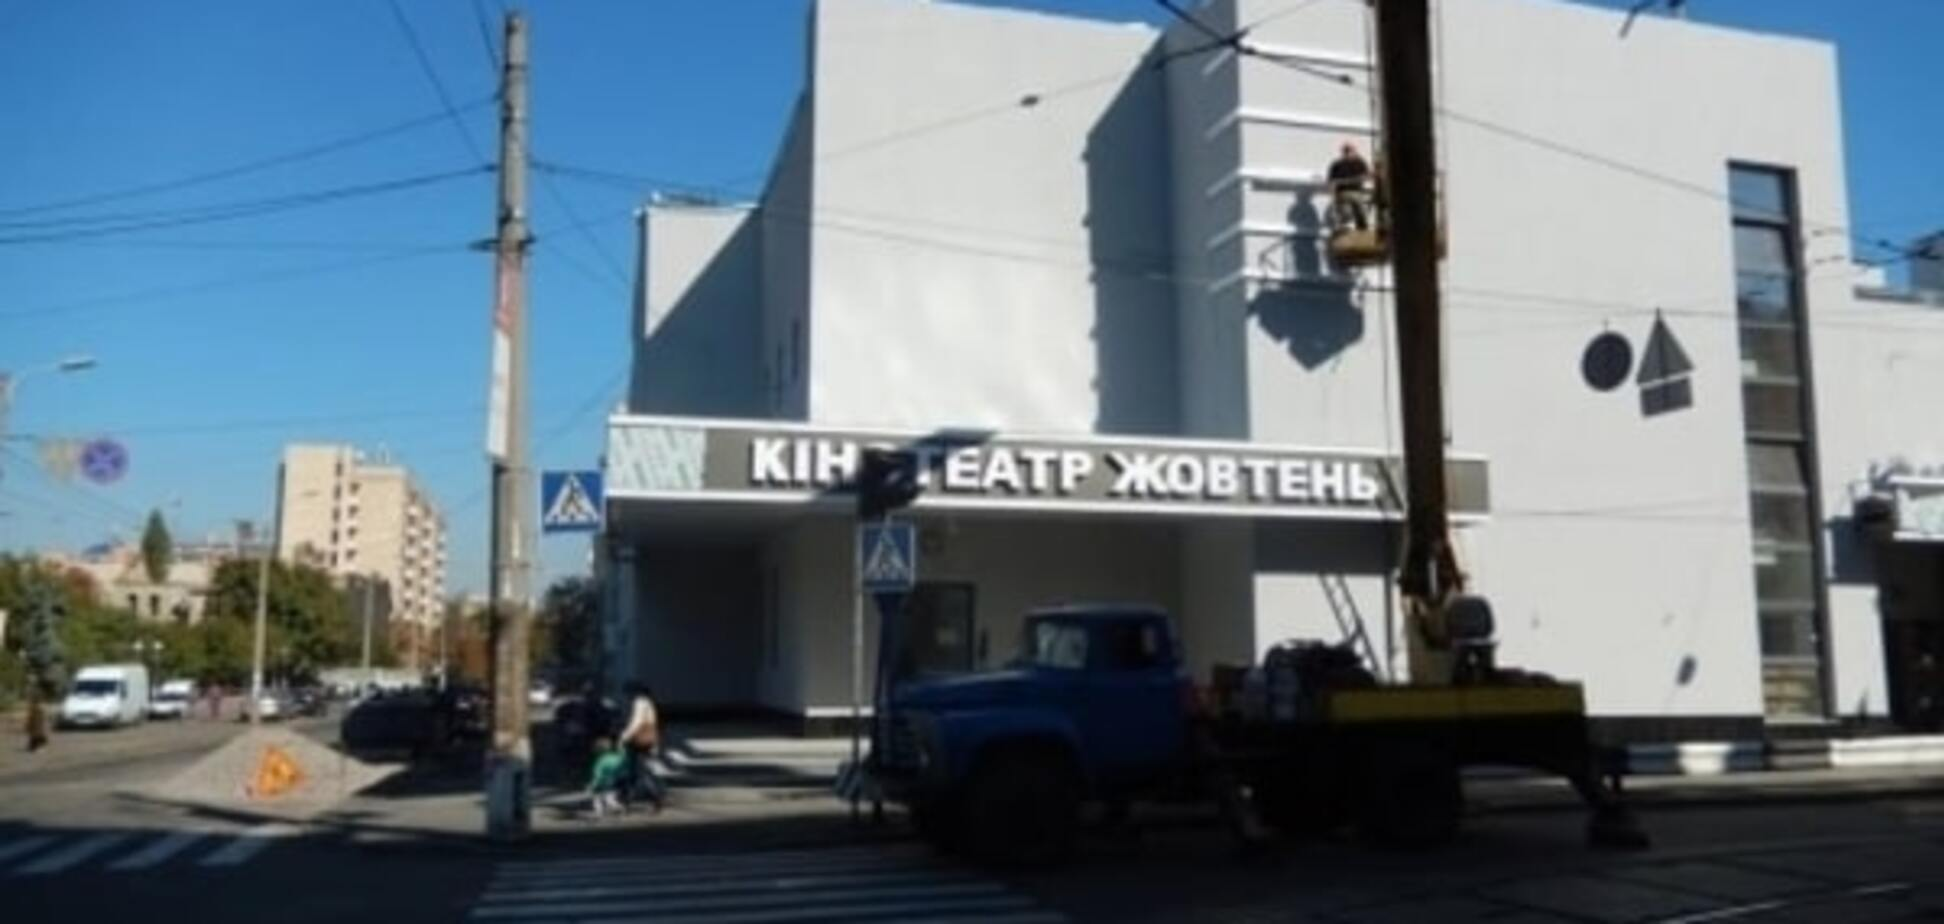 Як пройде відкриття кінотеатру 'Жовтень' у Києві: програма